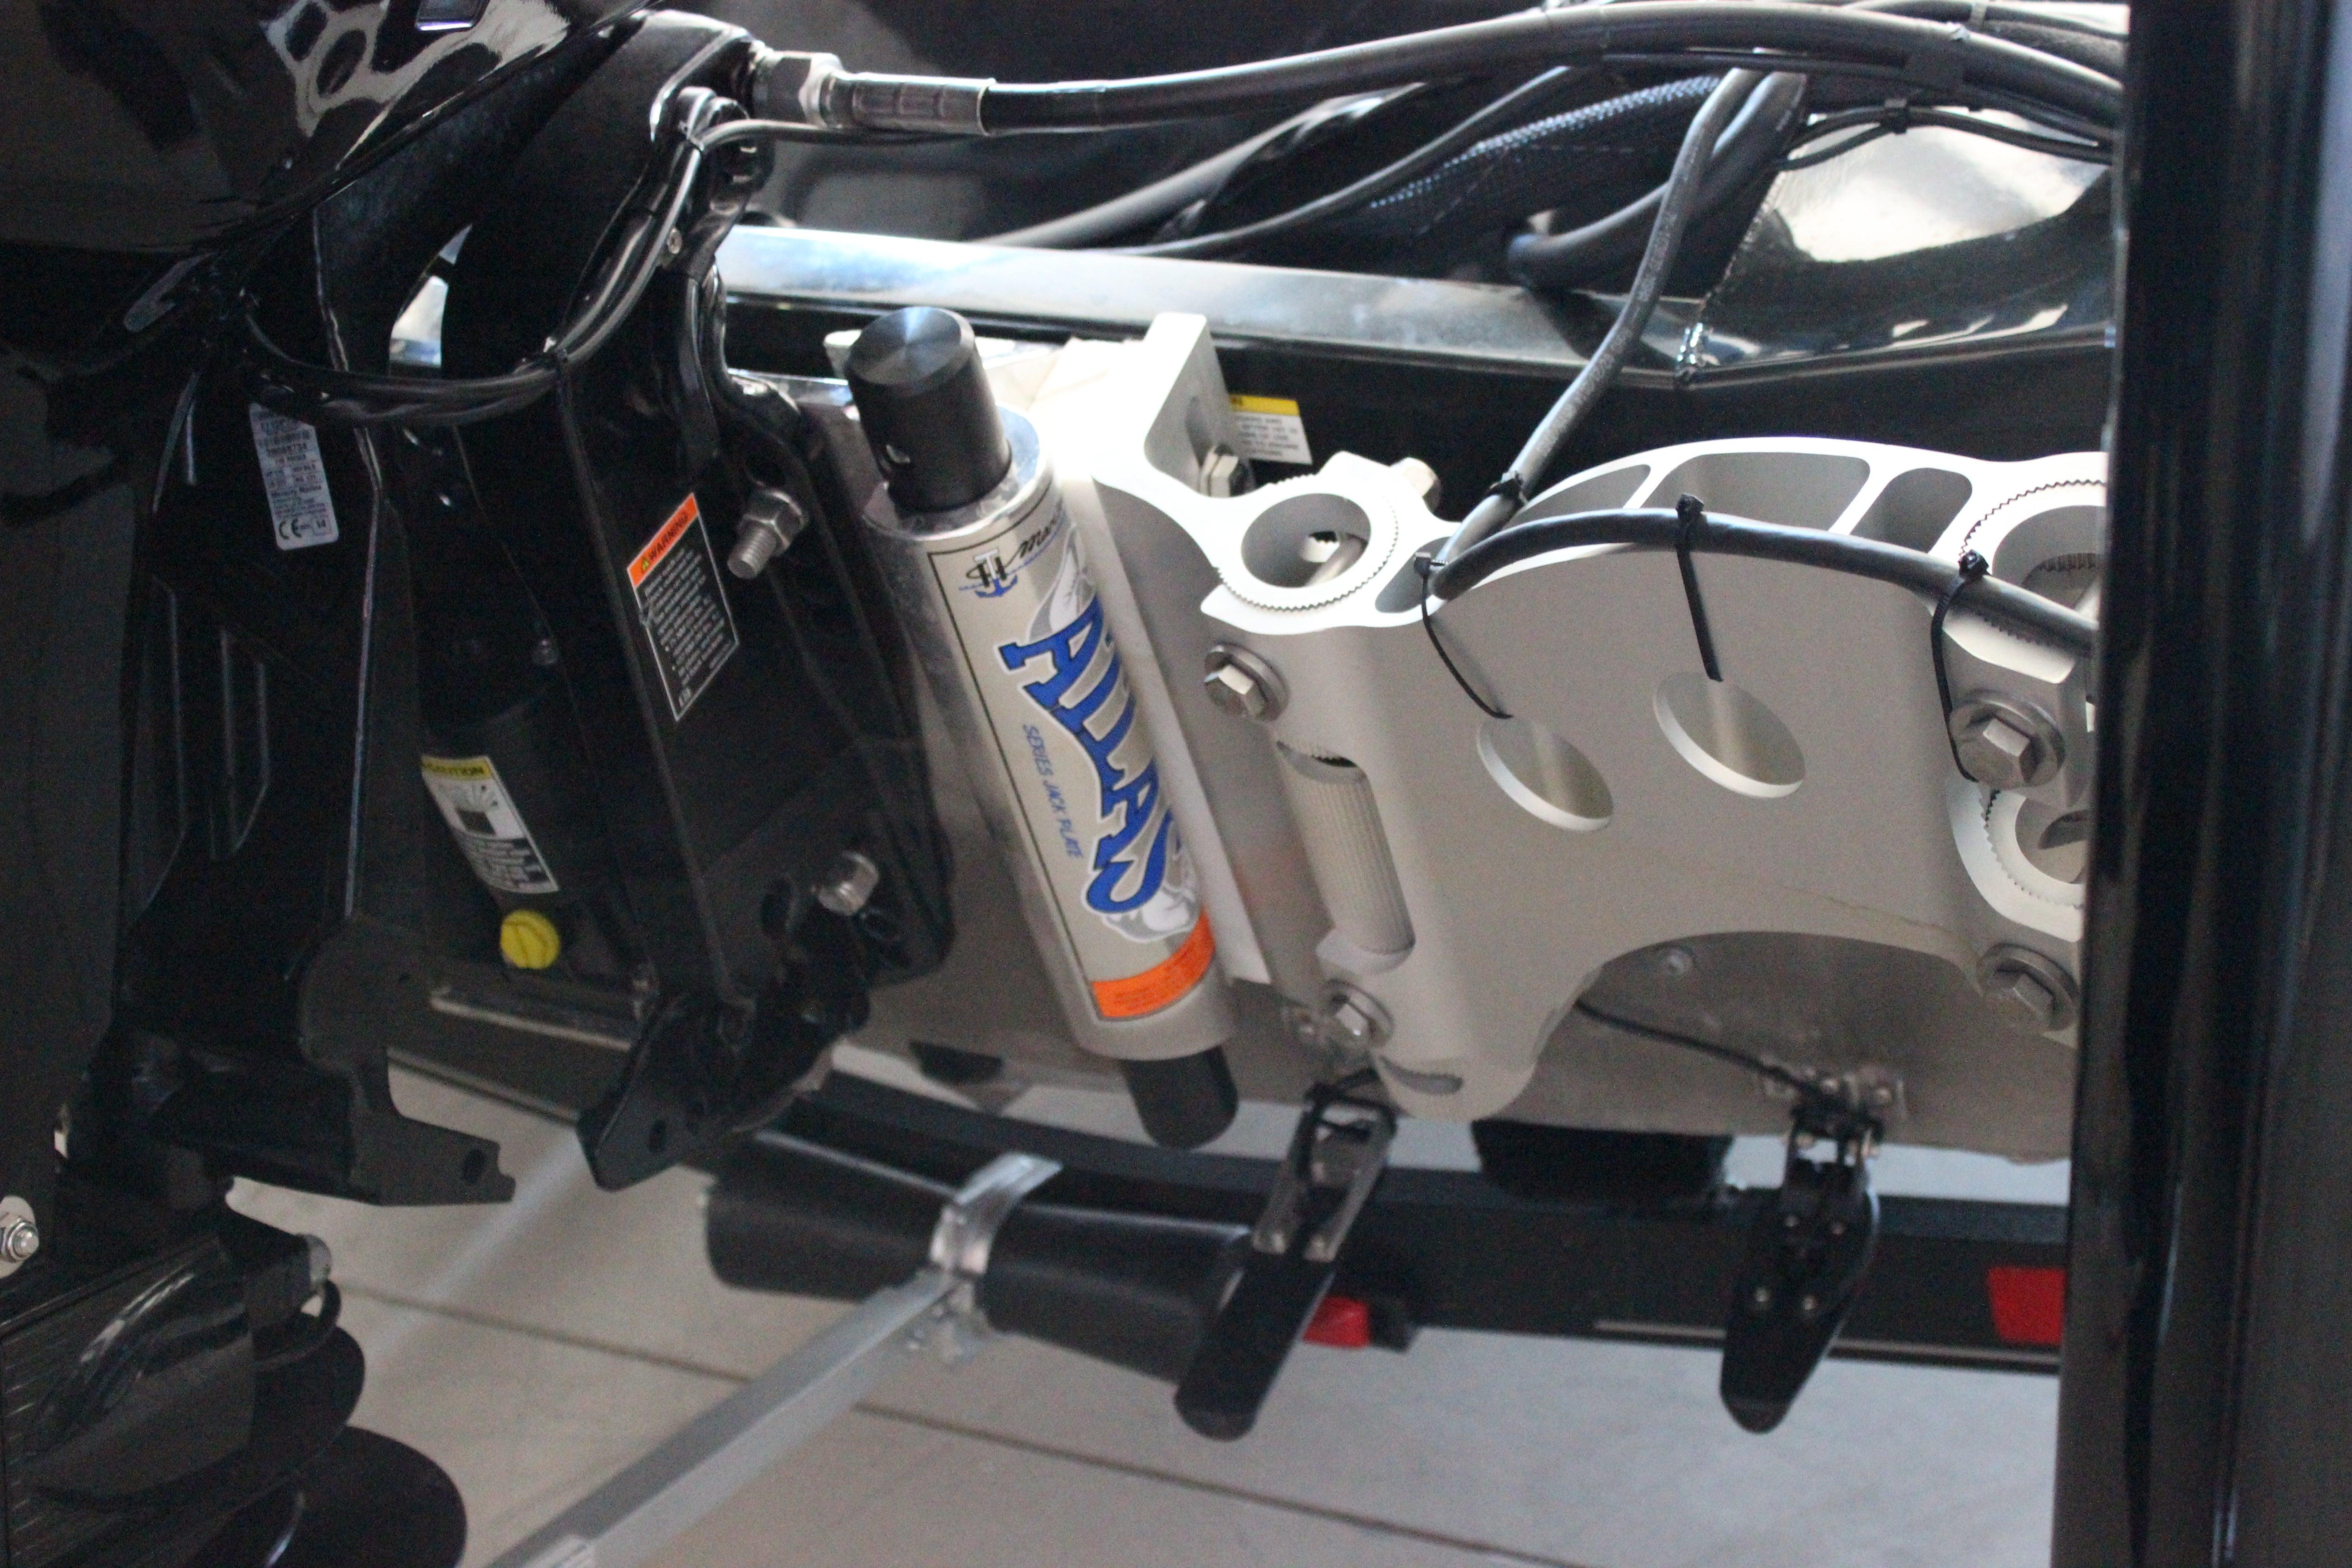 minn kota talon wiring diagram vl rb30 how to install a trolling motor impremedia